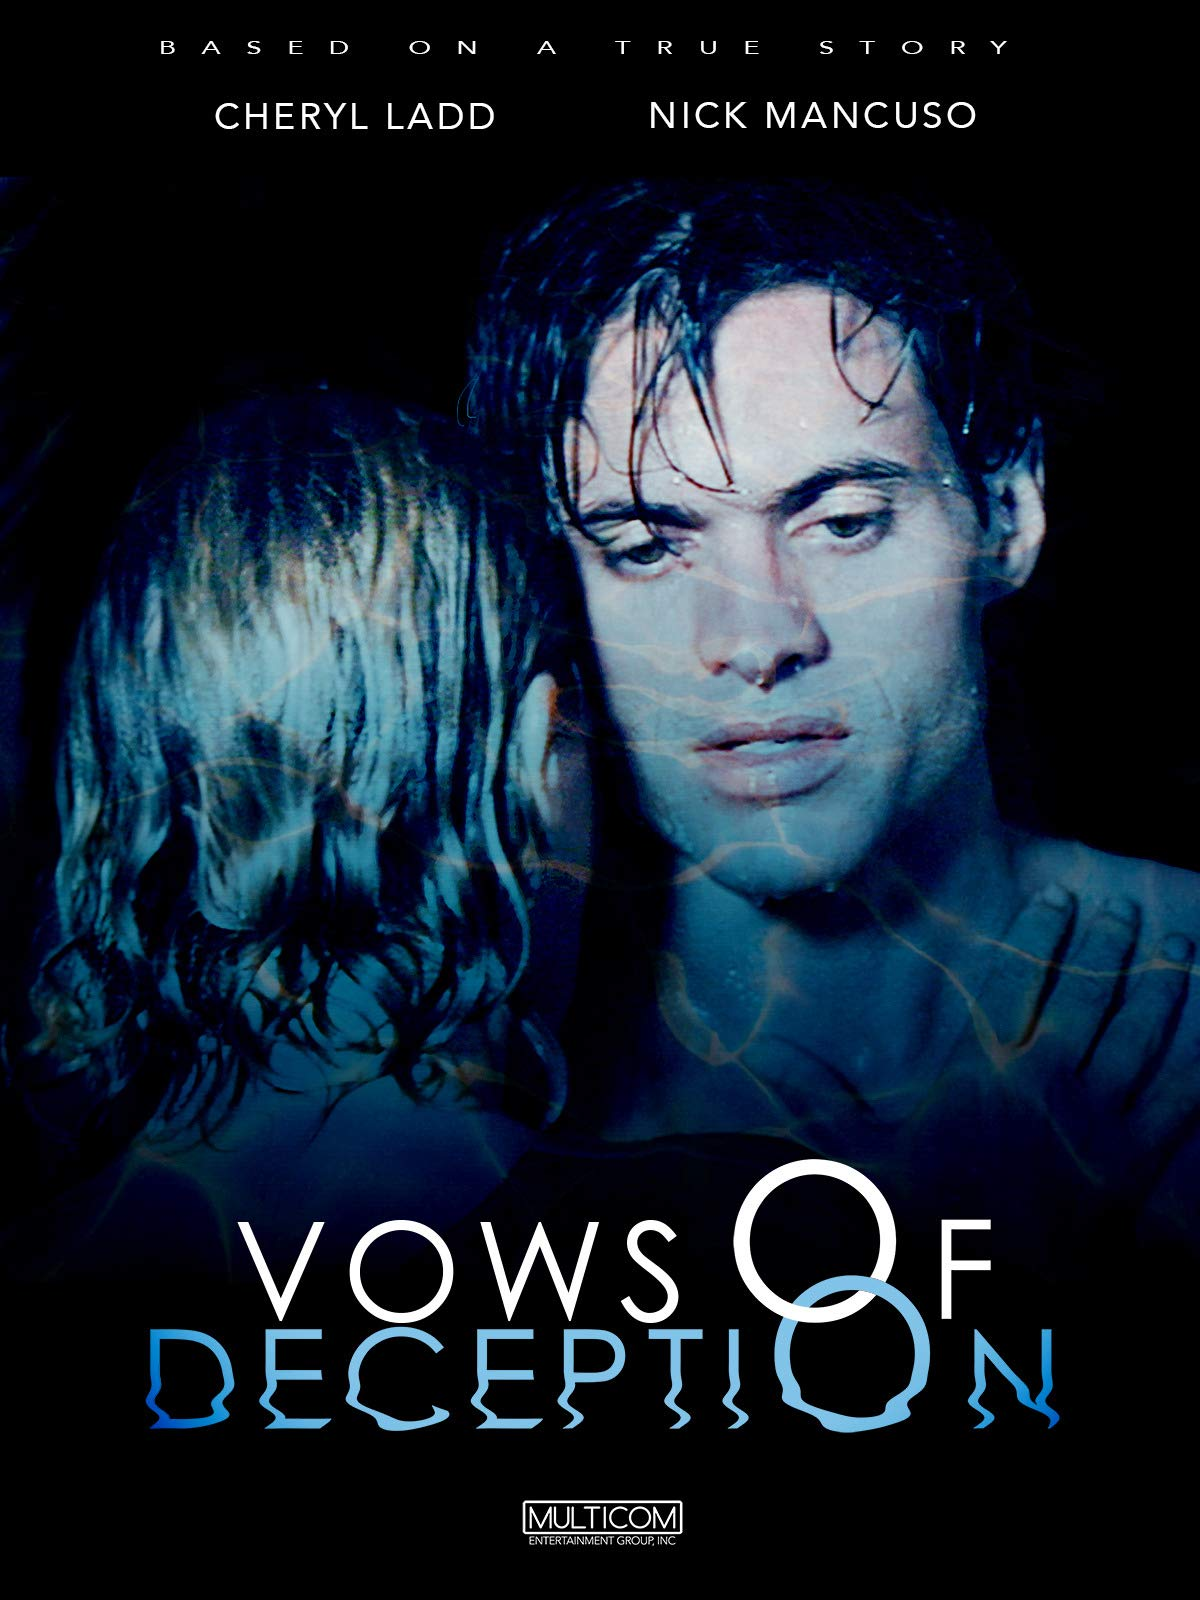 Vows of Deception (En Español)